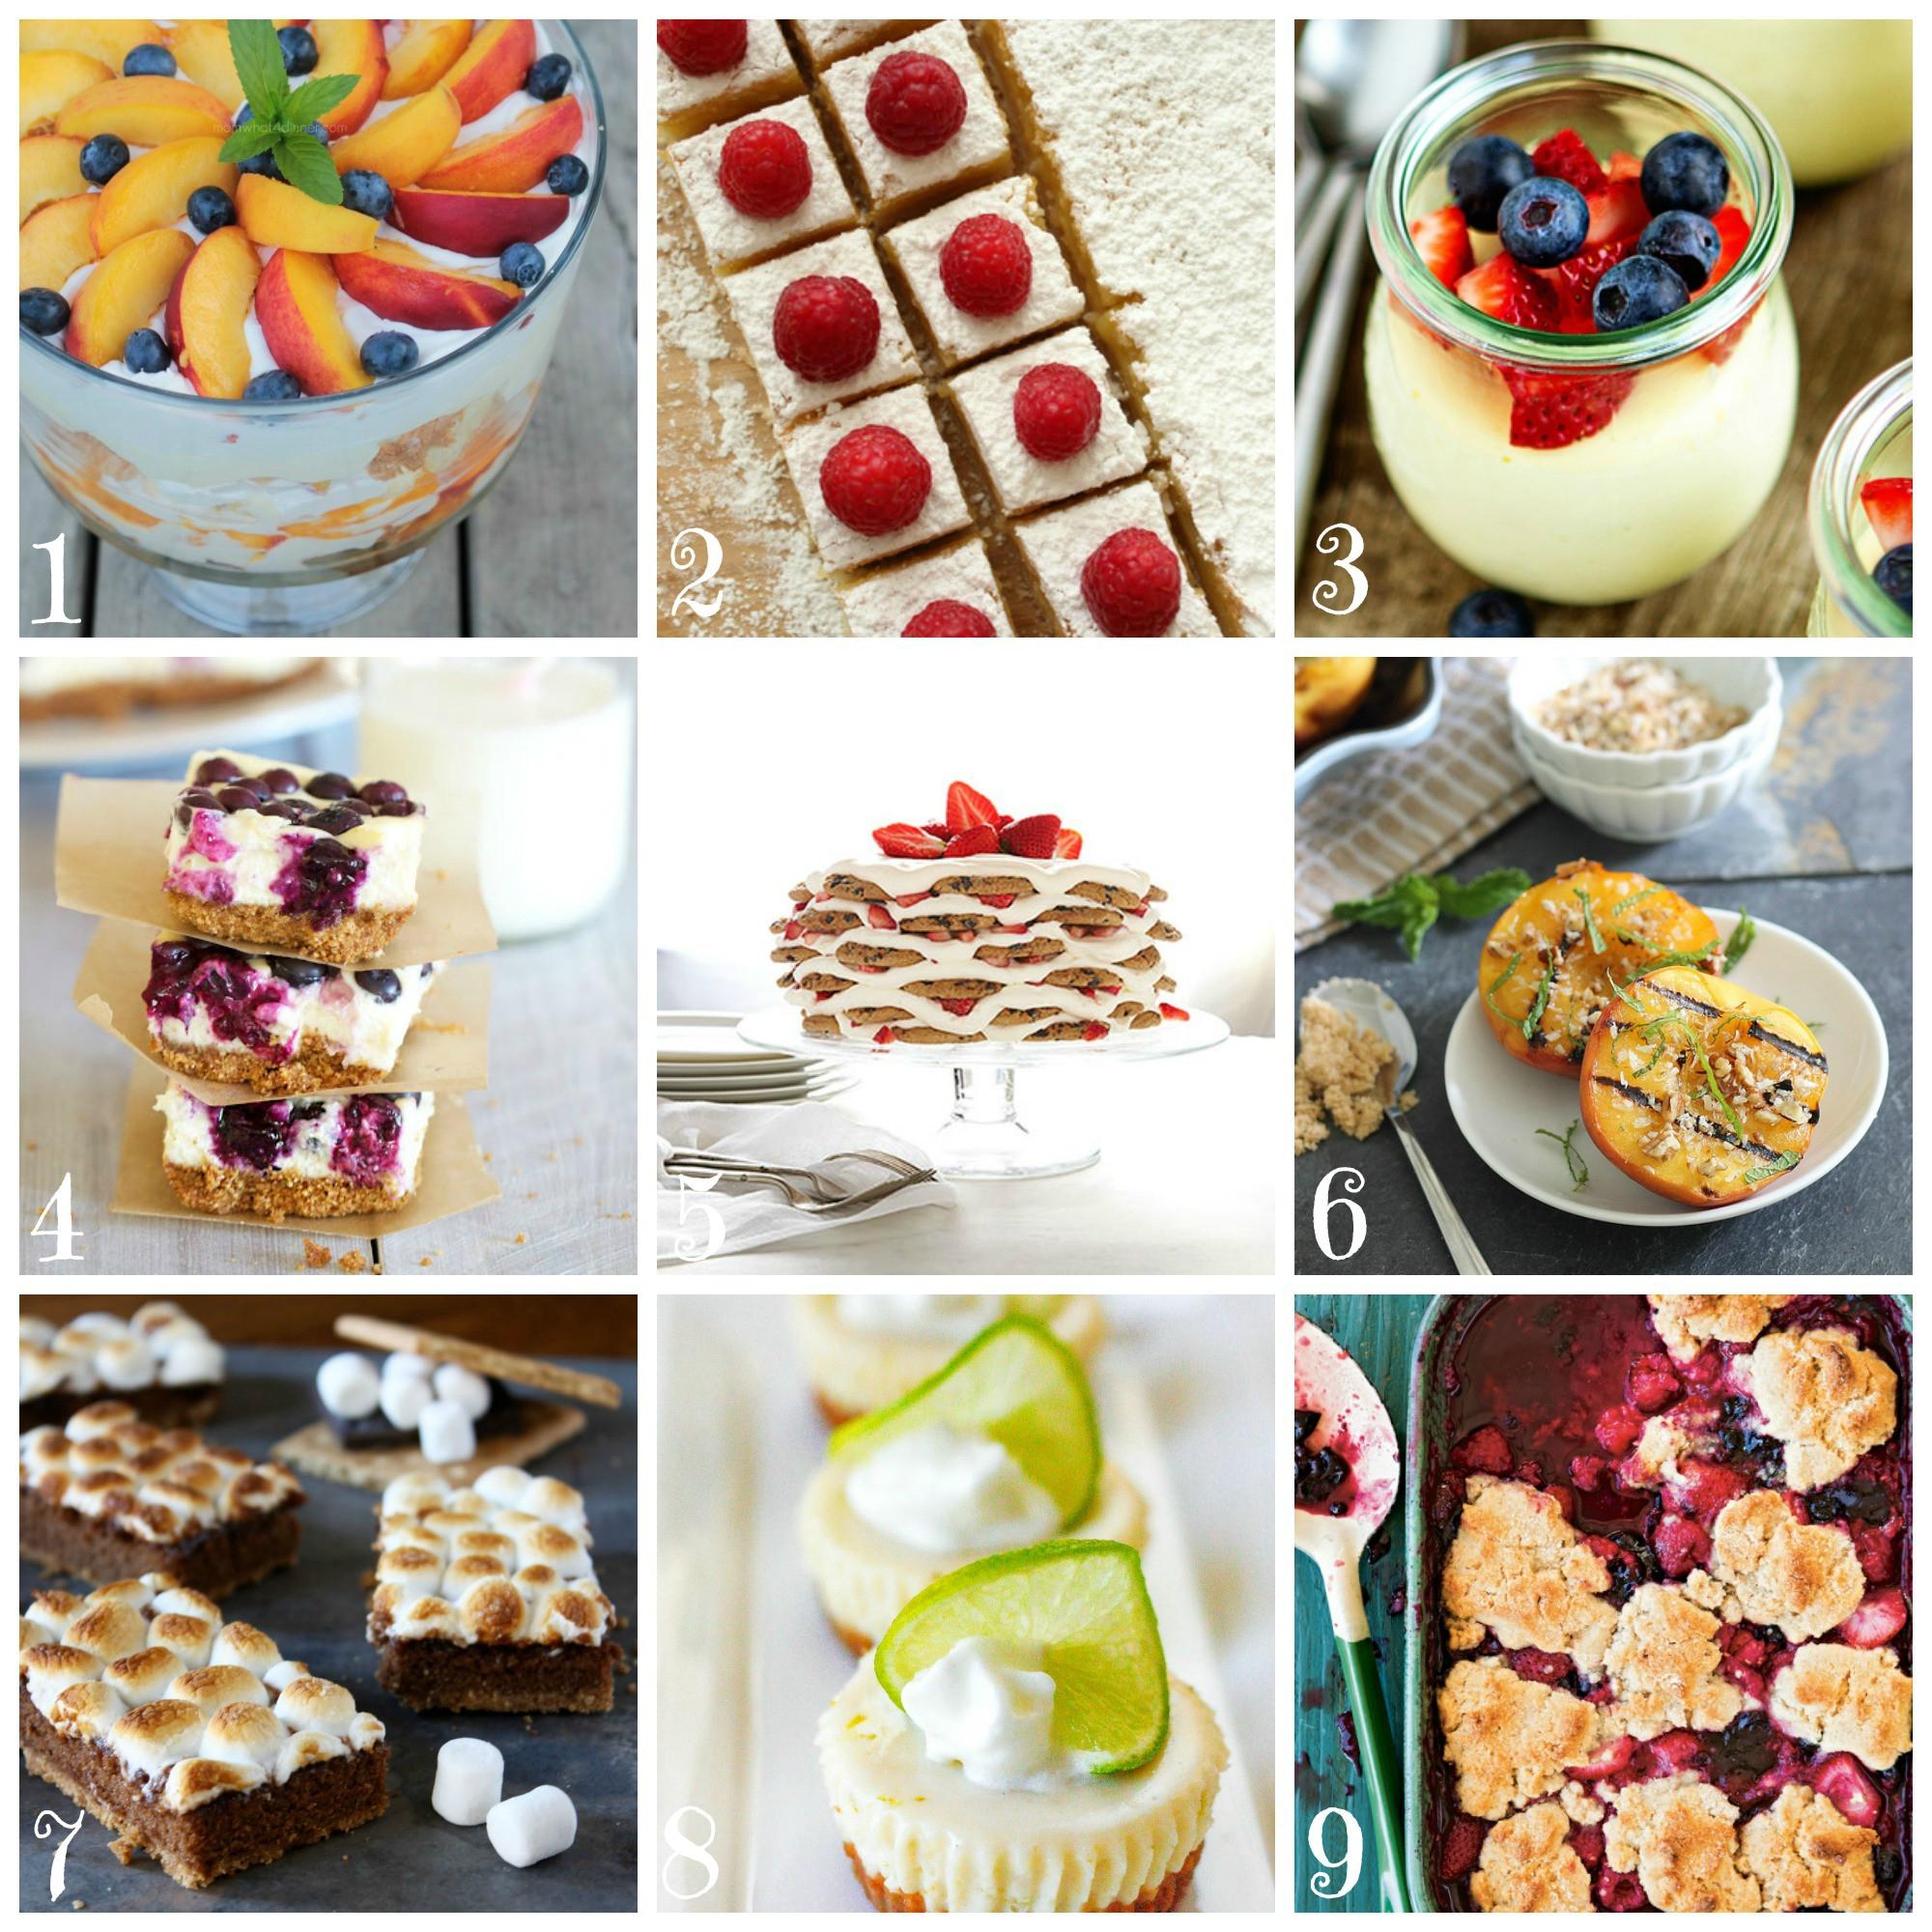 Best Summer Dessert Recipes  Best Summer Dessert Recipes • CakeJournal